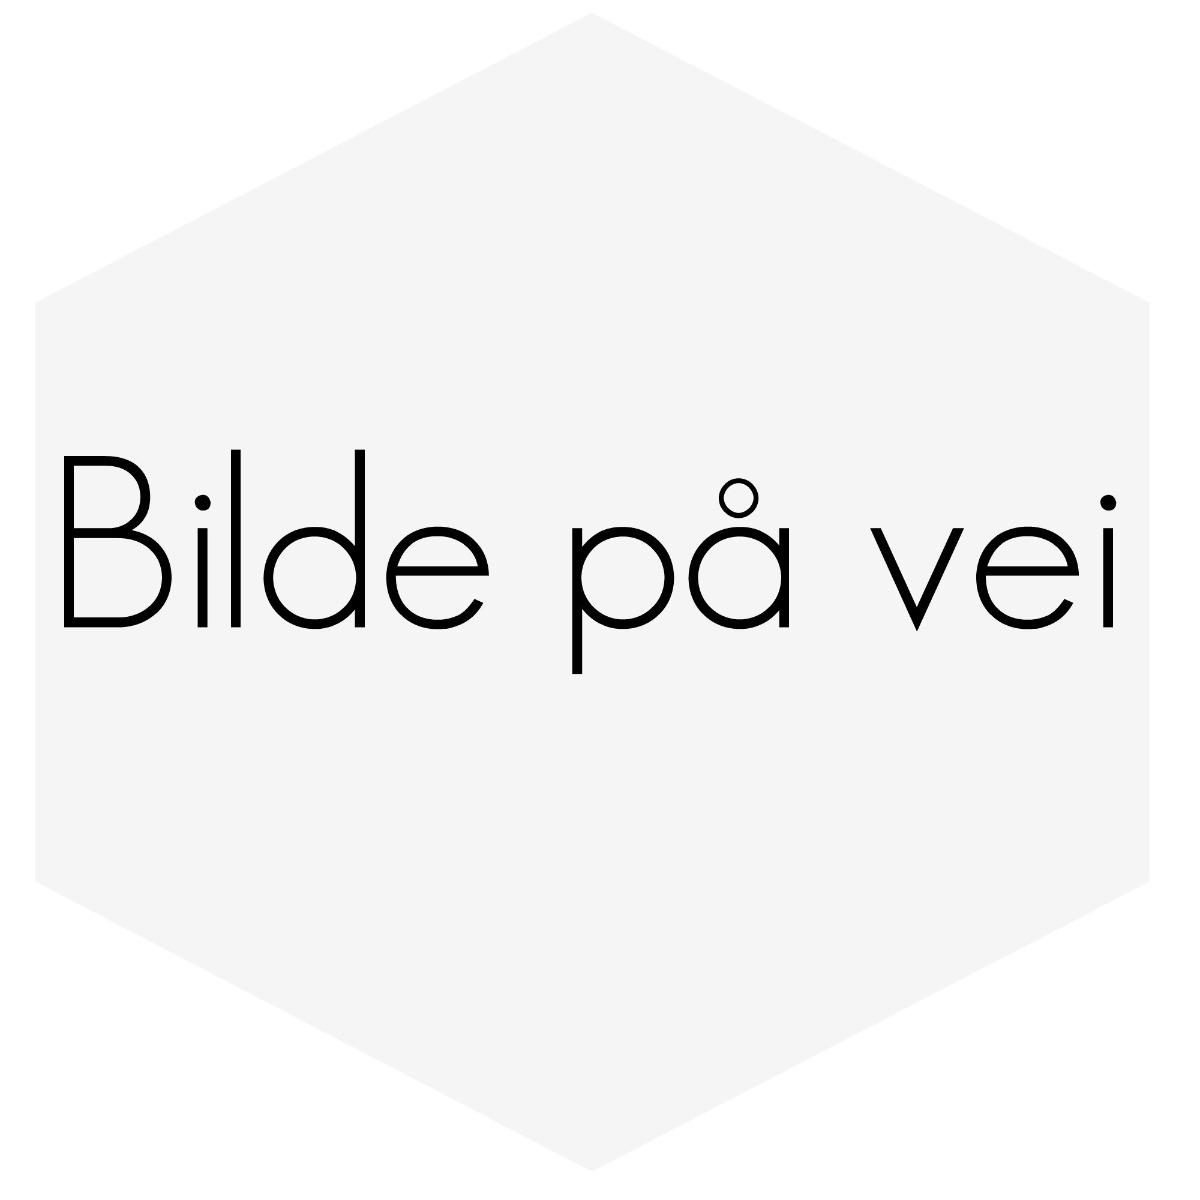 KAMAKSEL GT6-PROFIL MEGET FIN TIL TRIMMING OGSÅ BILCROSS